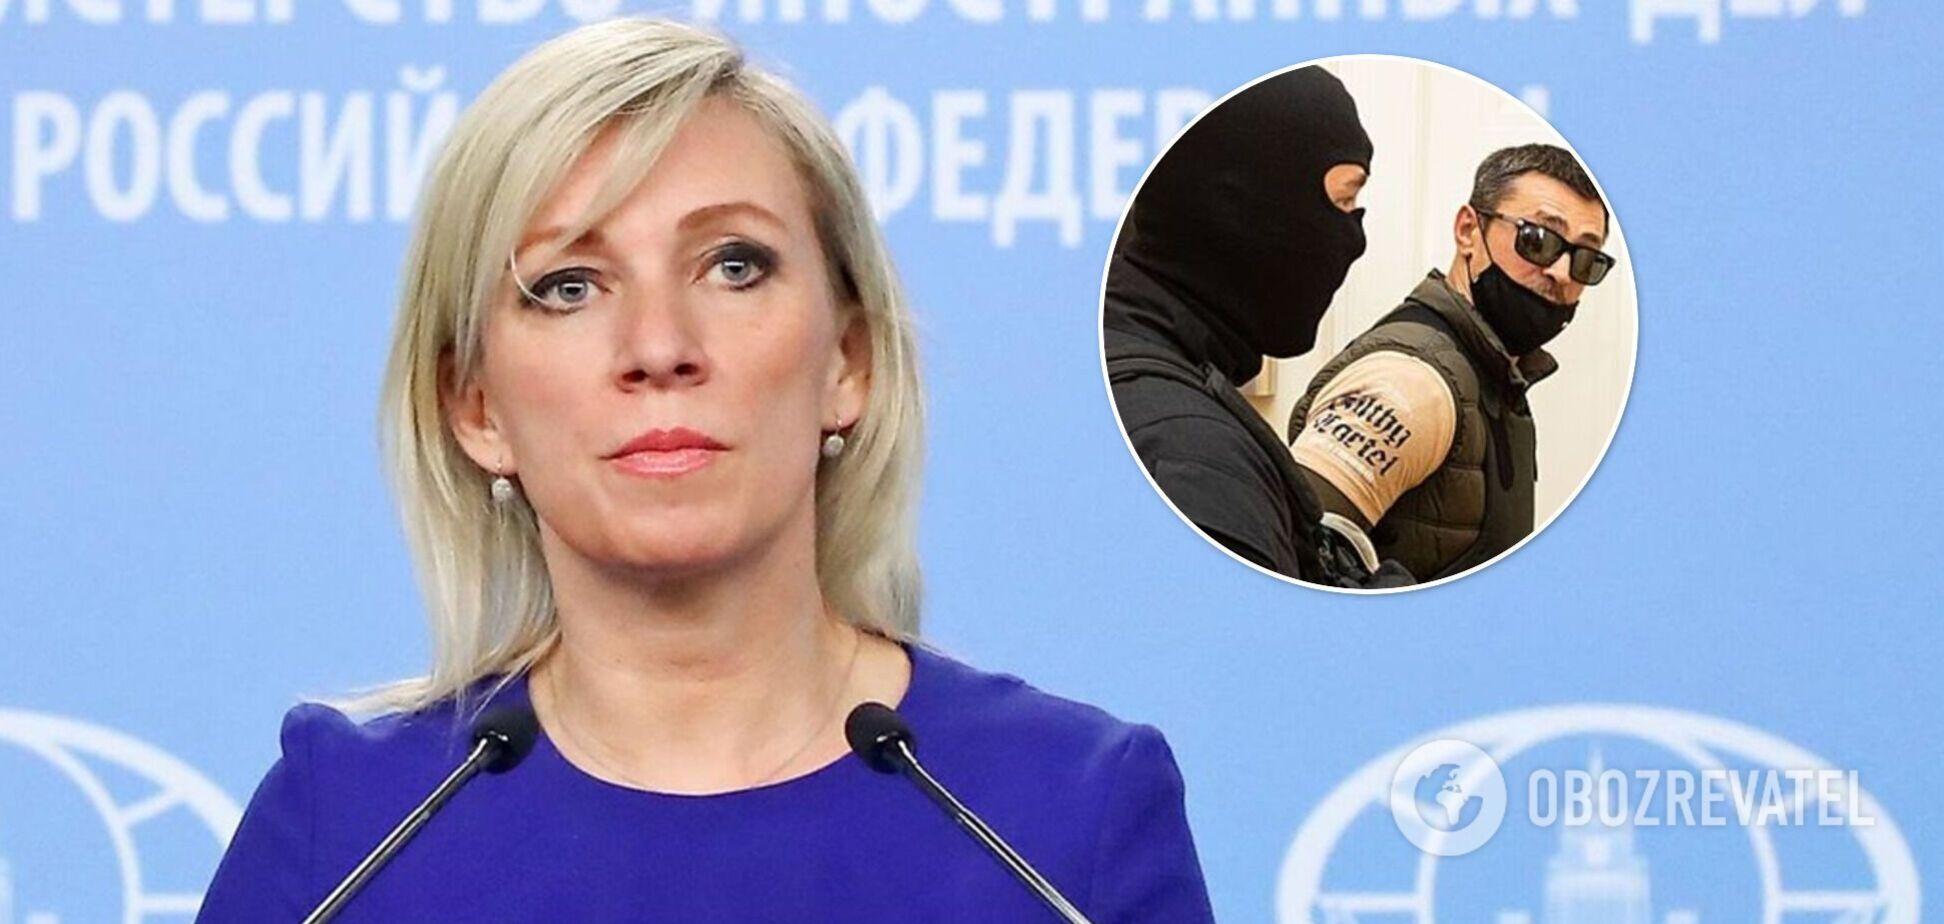 Захарова пригрозила 'наслідками' Україні та Чехії через арешт учасника анексії Криму Франчетті